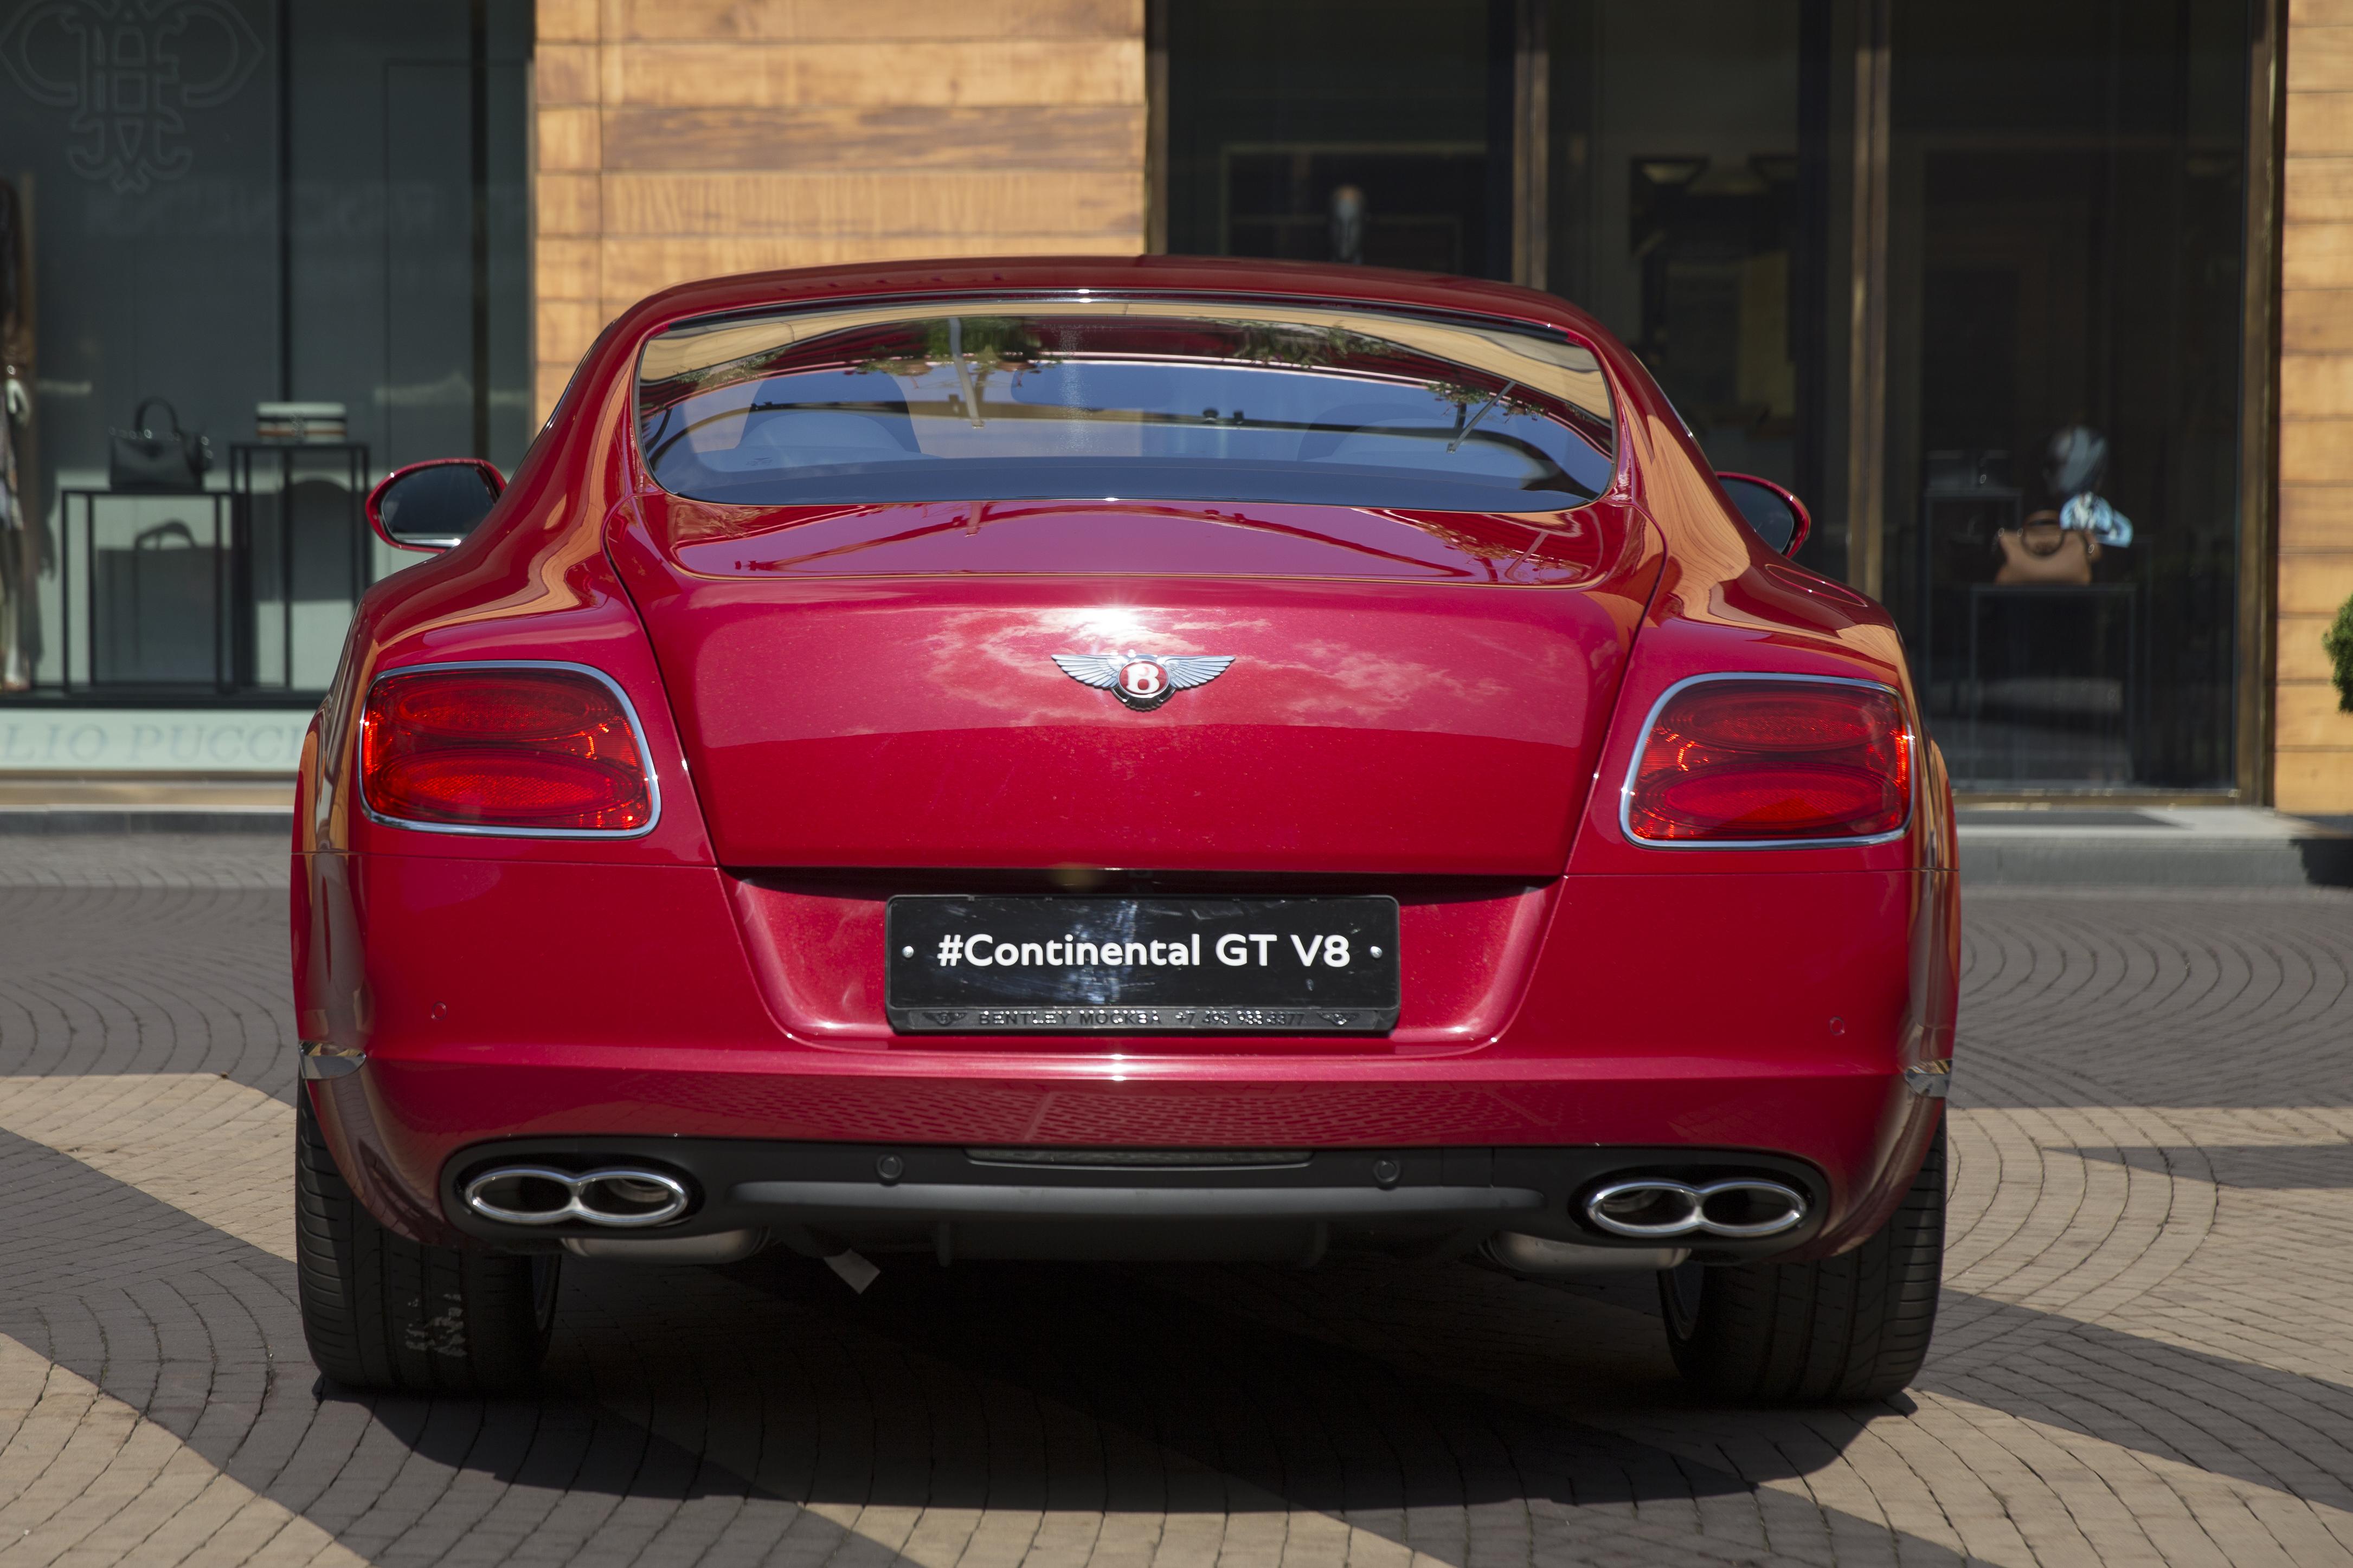 ВРЕМЯ ВЫБИРАТЬ BENTLEY! НОВЫЙ CONTINENTAL GT ОТ 11 900 000 РУБ. - изображение NICK1624 на Bentleymoscow.ru!